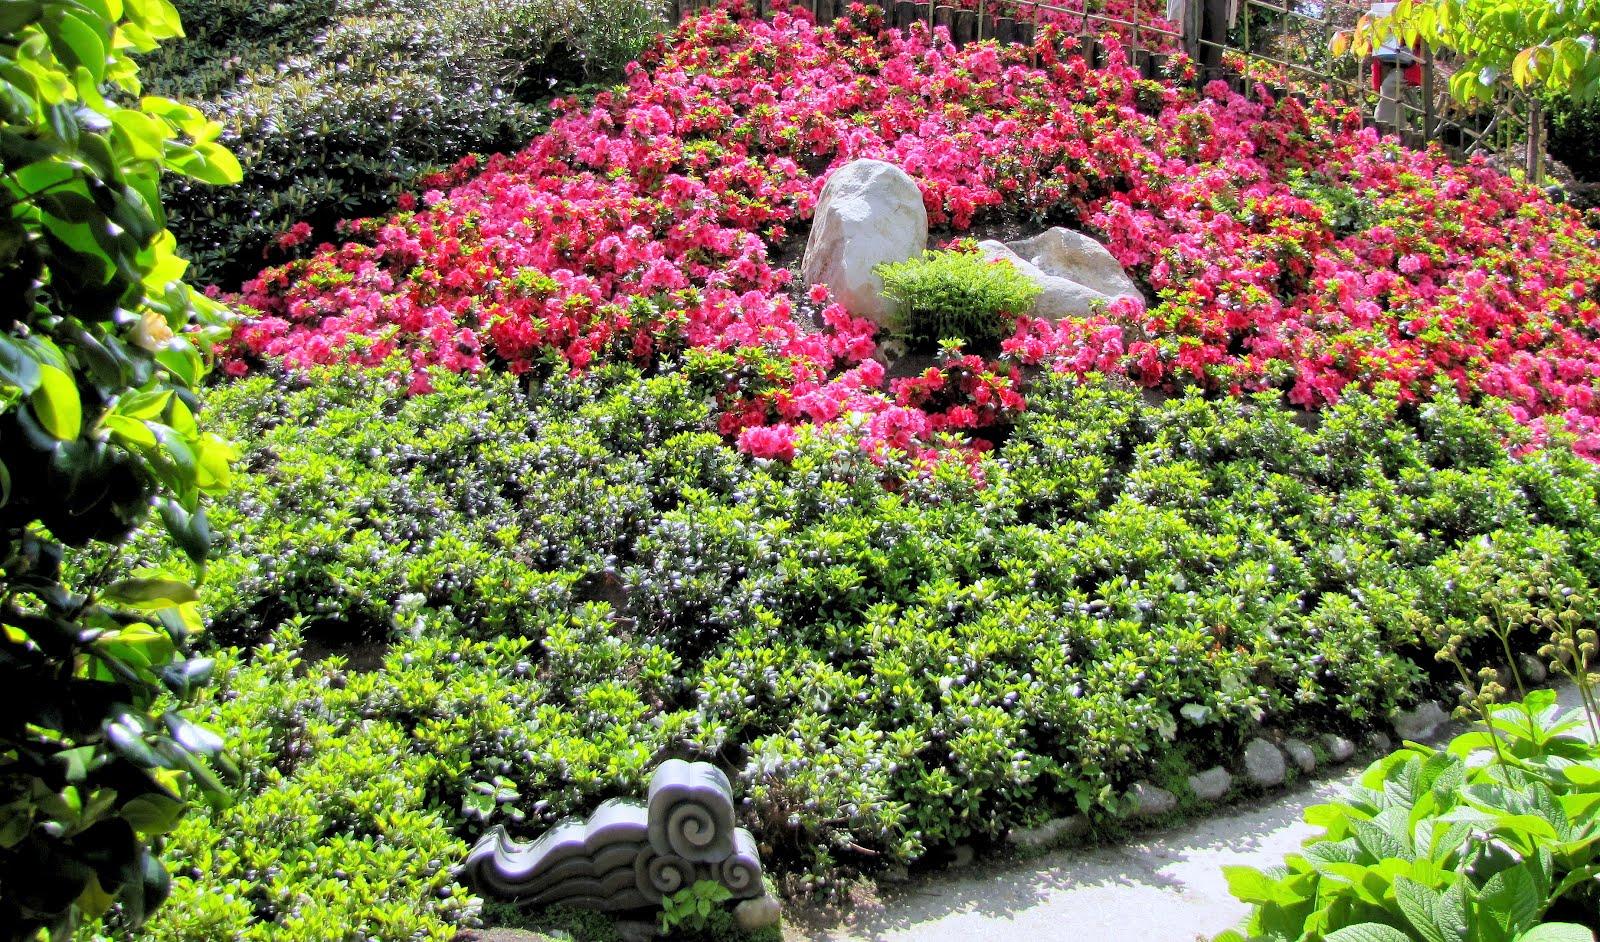 Le jardin japonais d 39 albert kahn paysages et fleurs au for Albert kahn jardin japonais